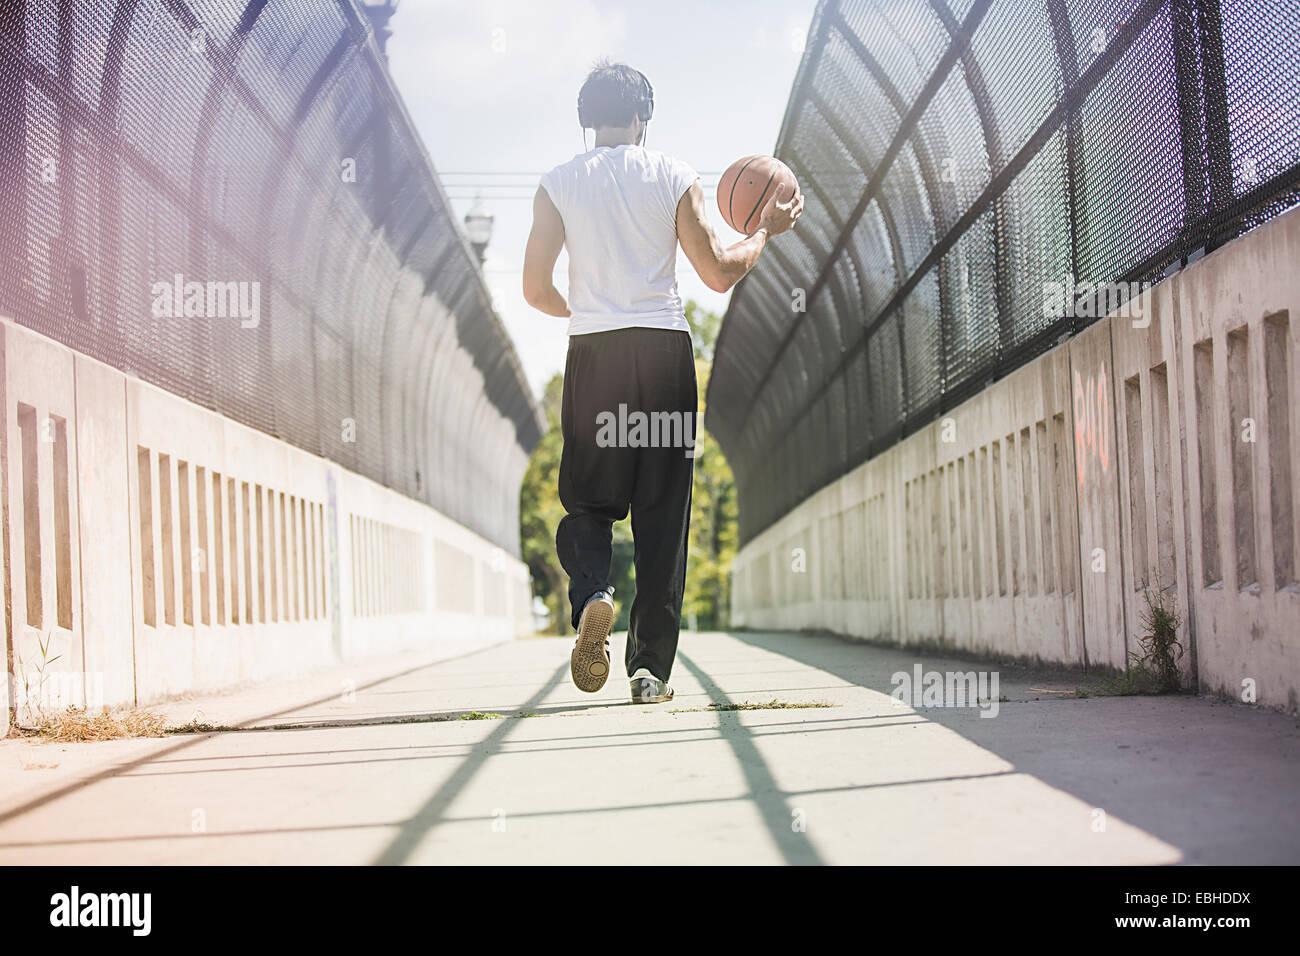 Vista posteriore del giovane maschio giocatore di basket a camminare lungo la passerella che porta la sfera Immagini Stock